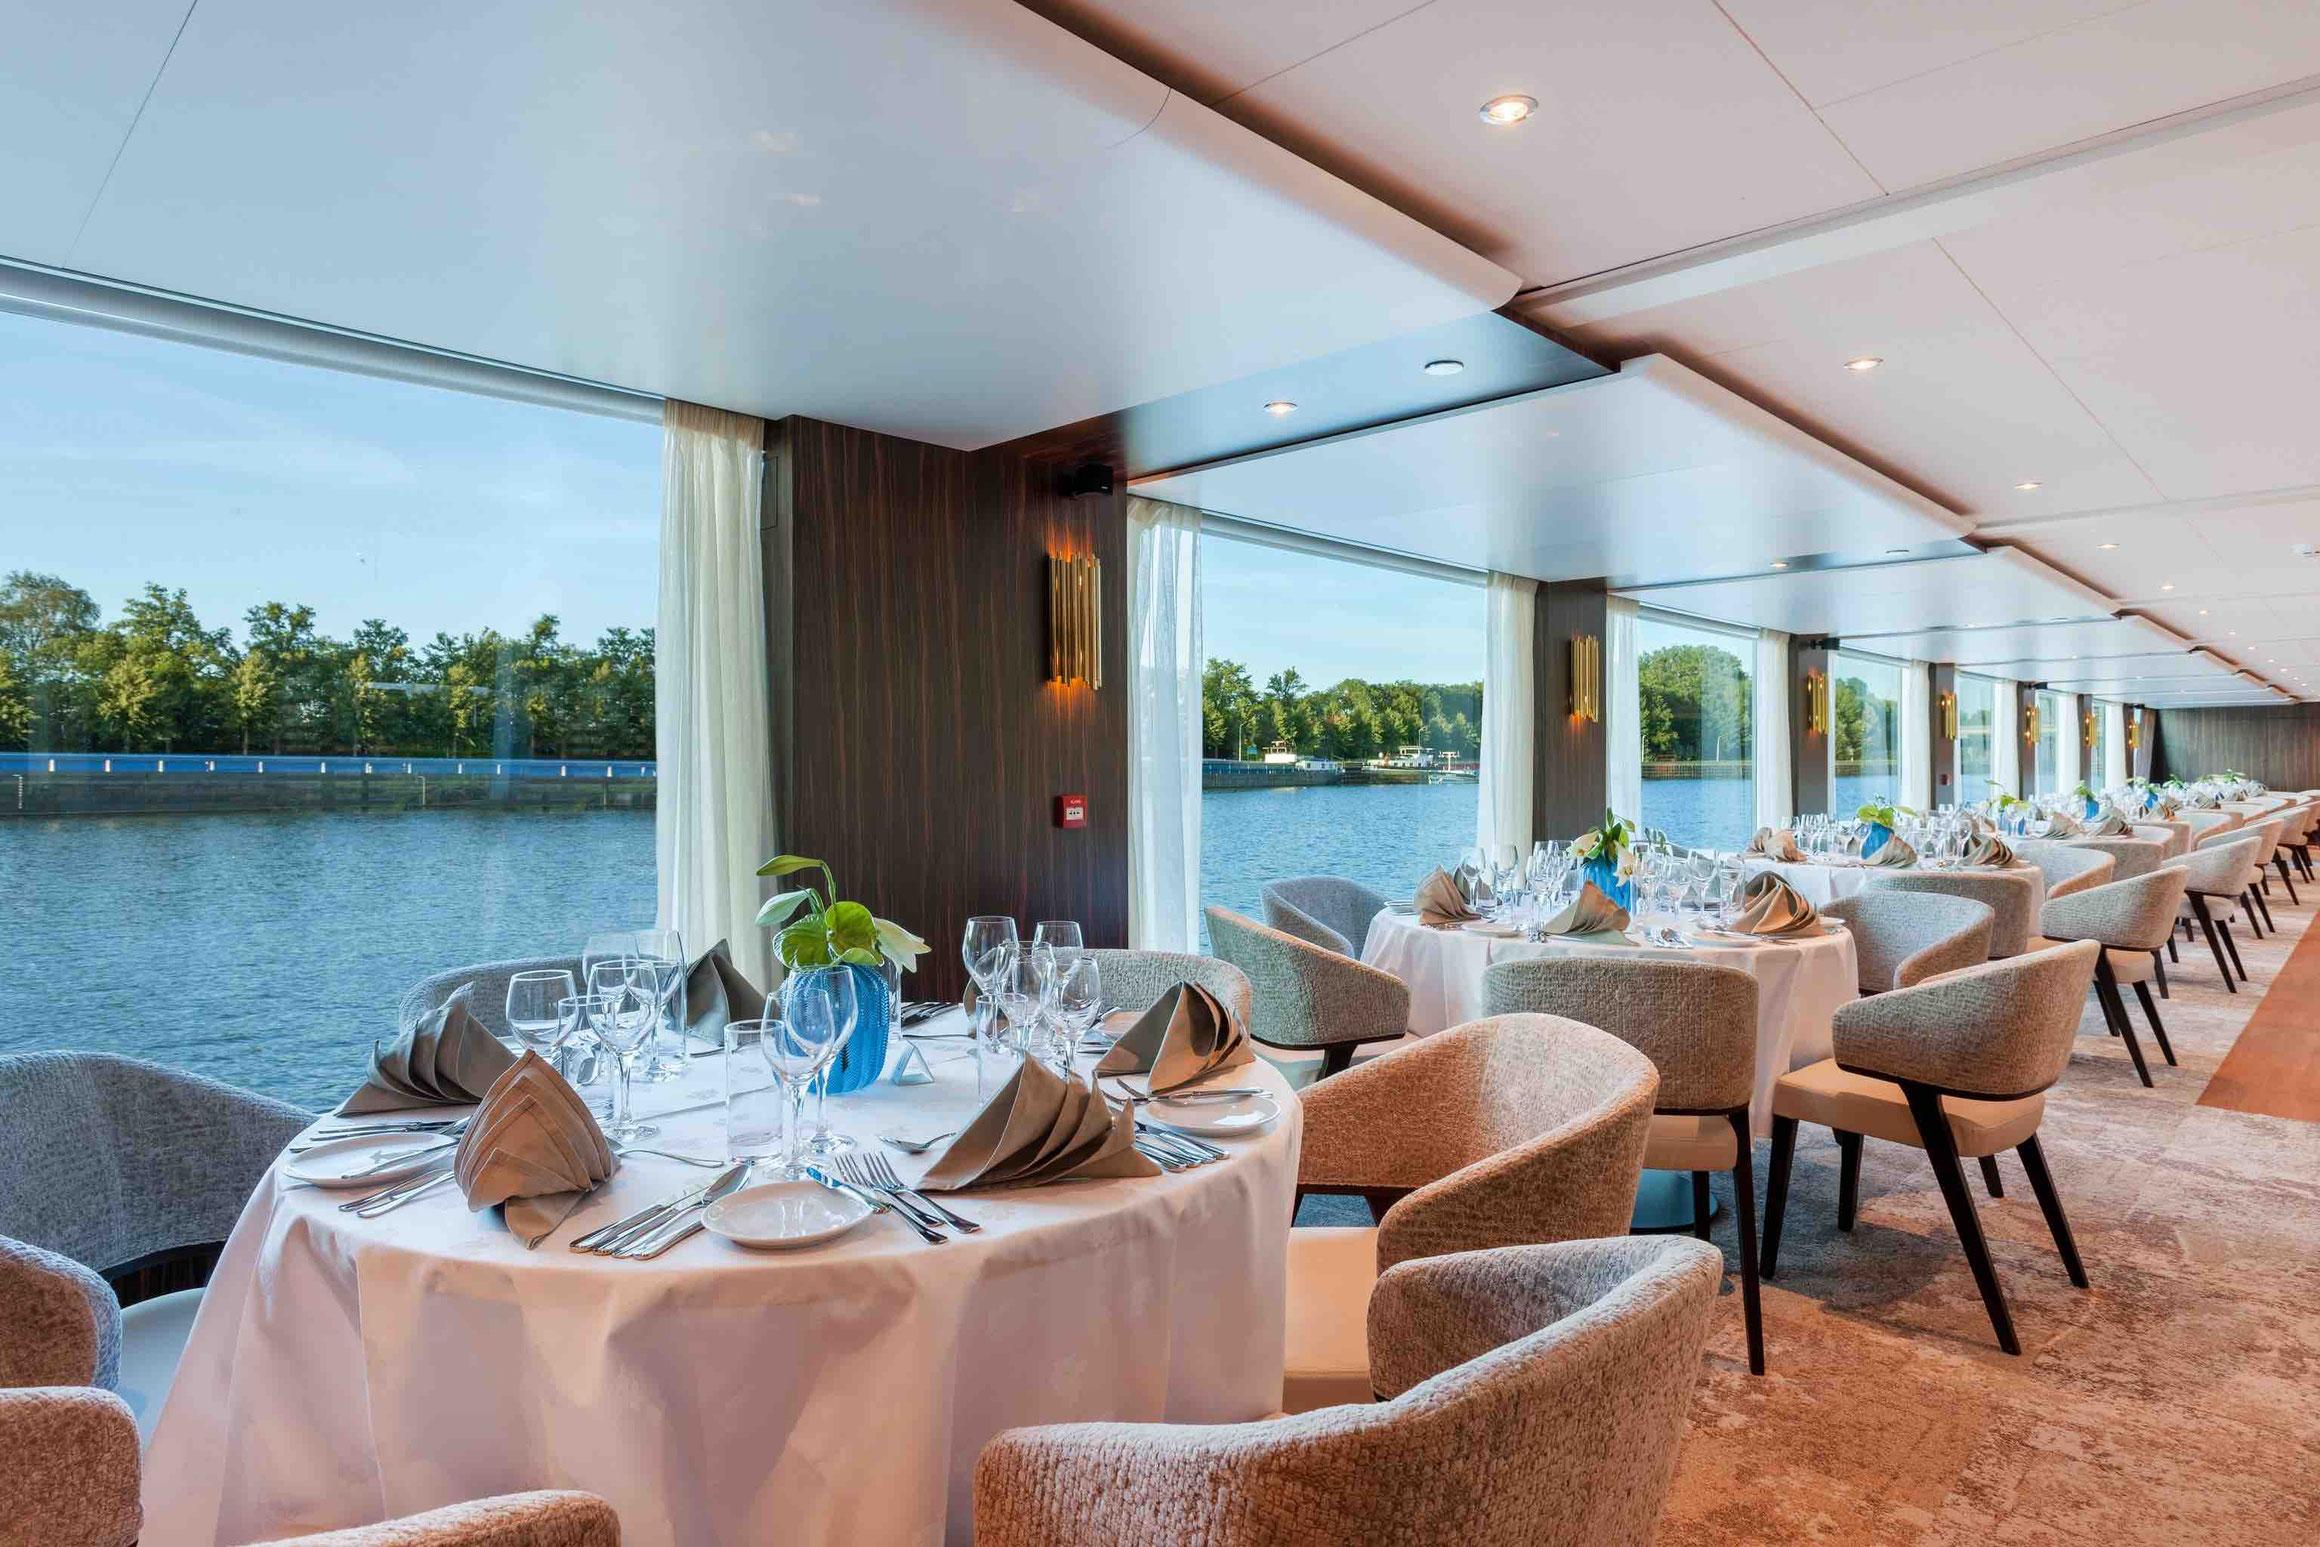 MS AMADEUS Imperial Panorama Restaurant